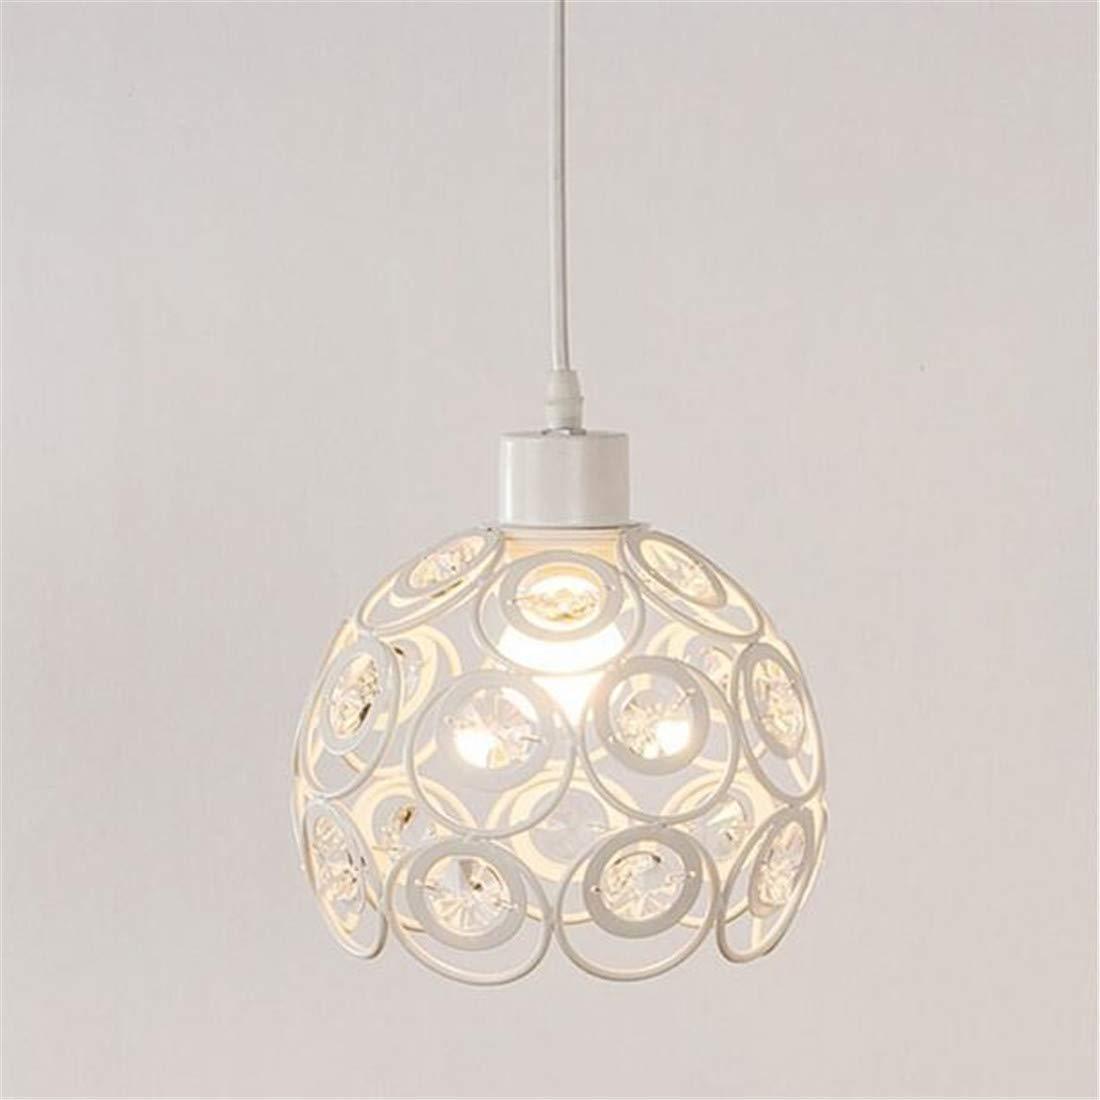 HBLJ Lights Minimalist Single Head LED Lampe Kronleuchter Kristall Deckenleuchte Weiße Farbe Eisen [Energieklasse A +]